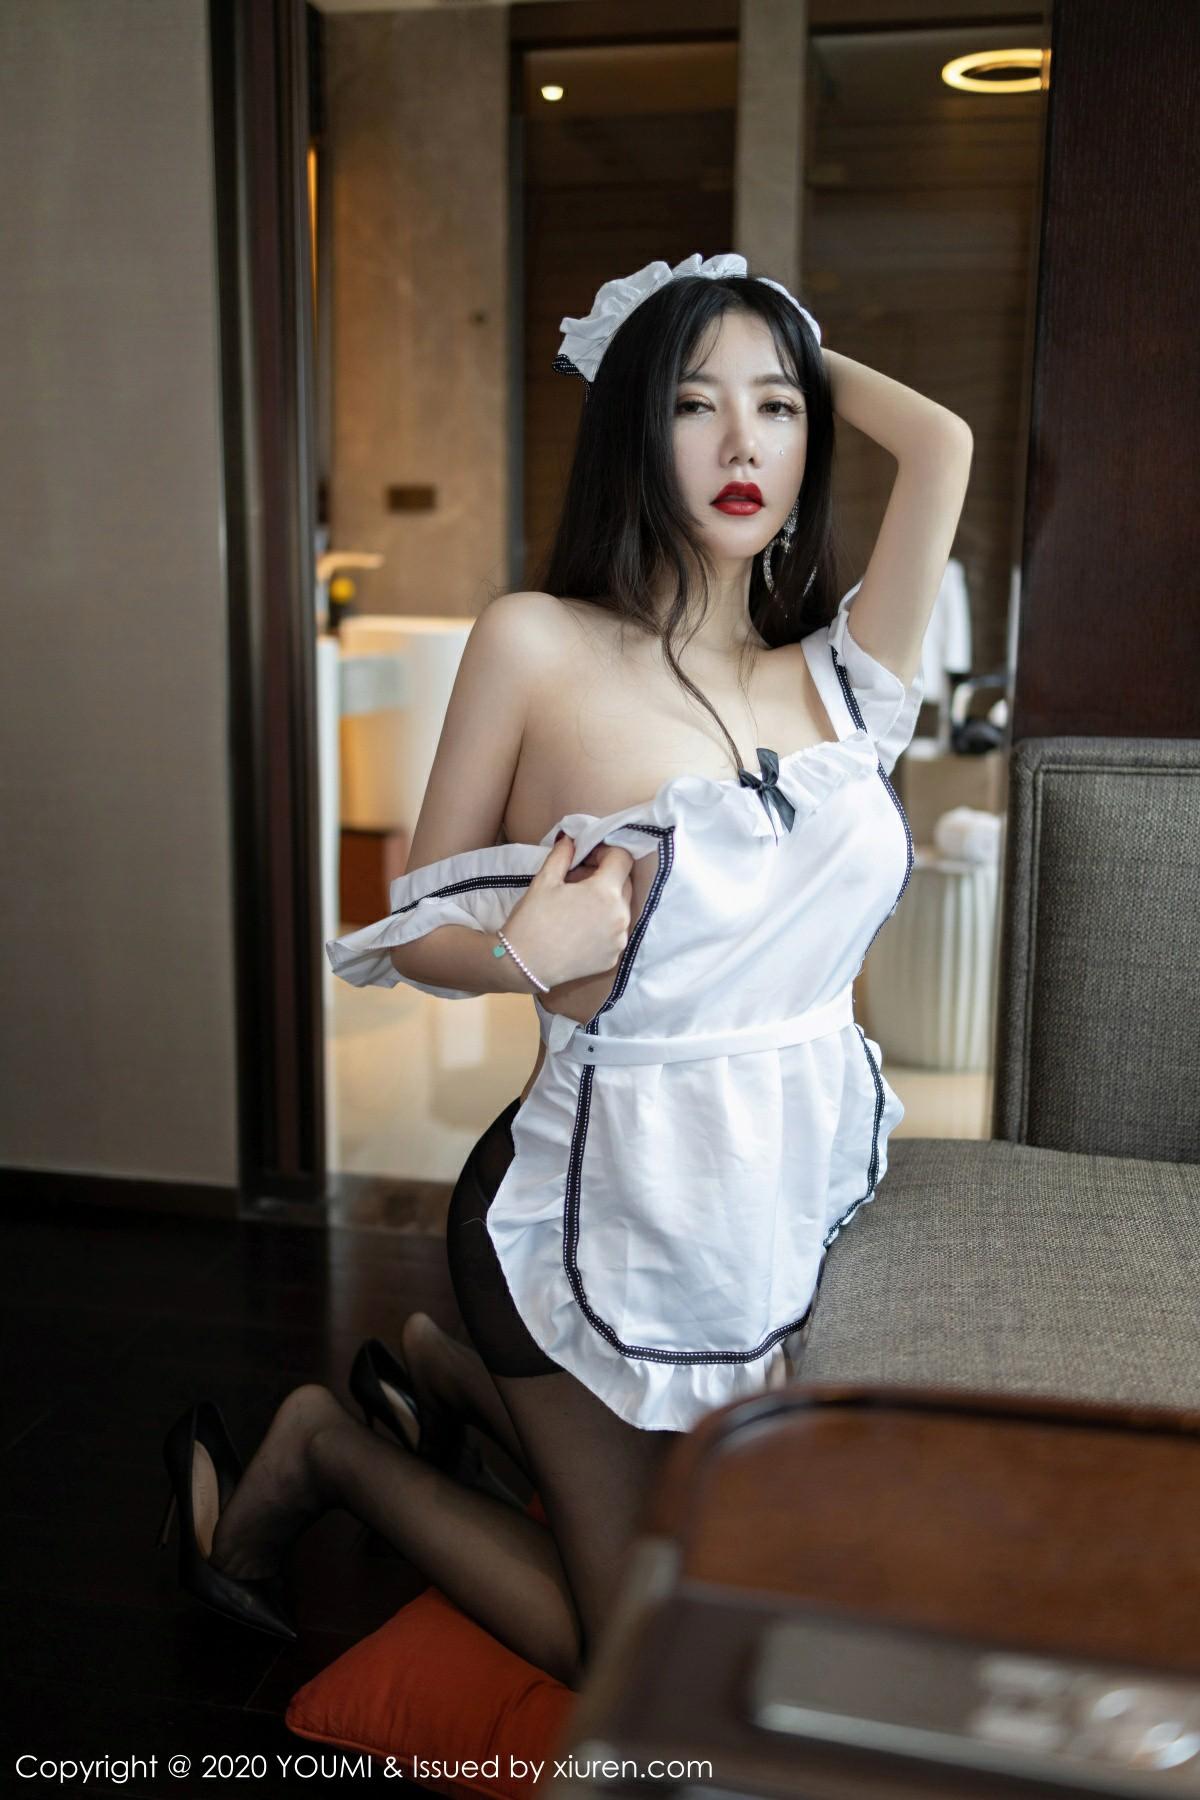 [YOUMI尤蜜荟]2020.03.24 VOL.440 心妍小公主[41P] 尤蜜荟 第3张